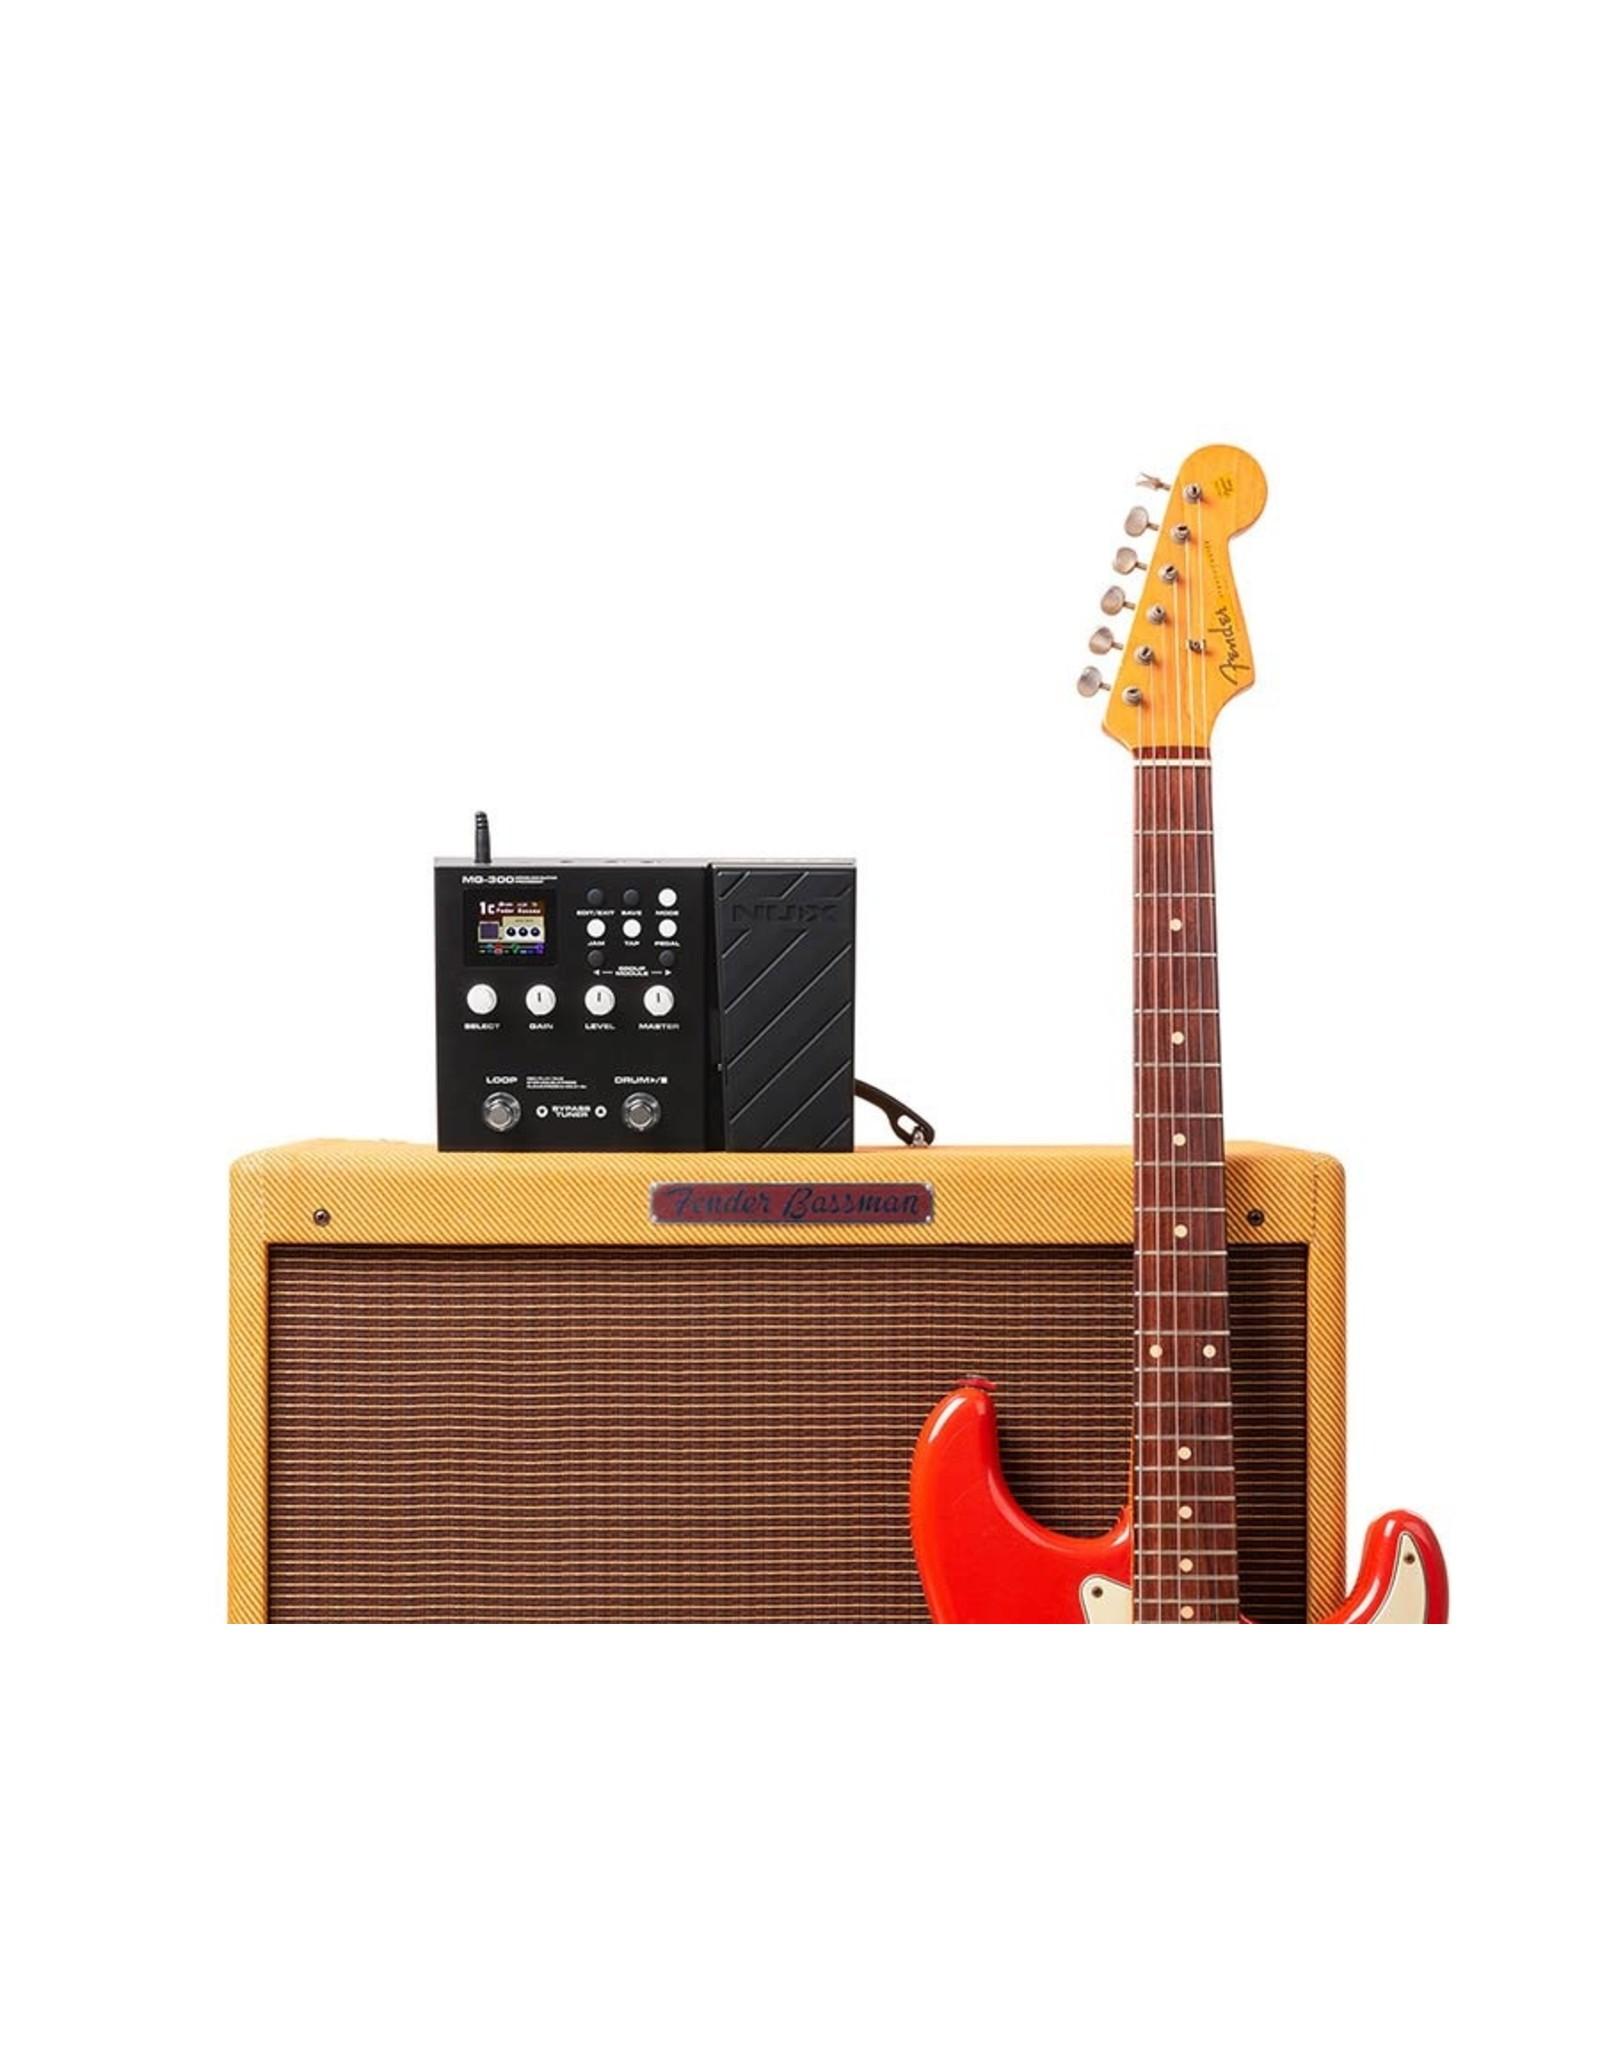 NUX Nux MG-300 gitaar multi effect